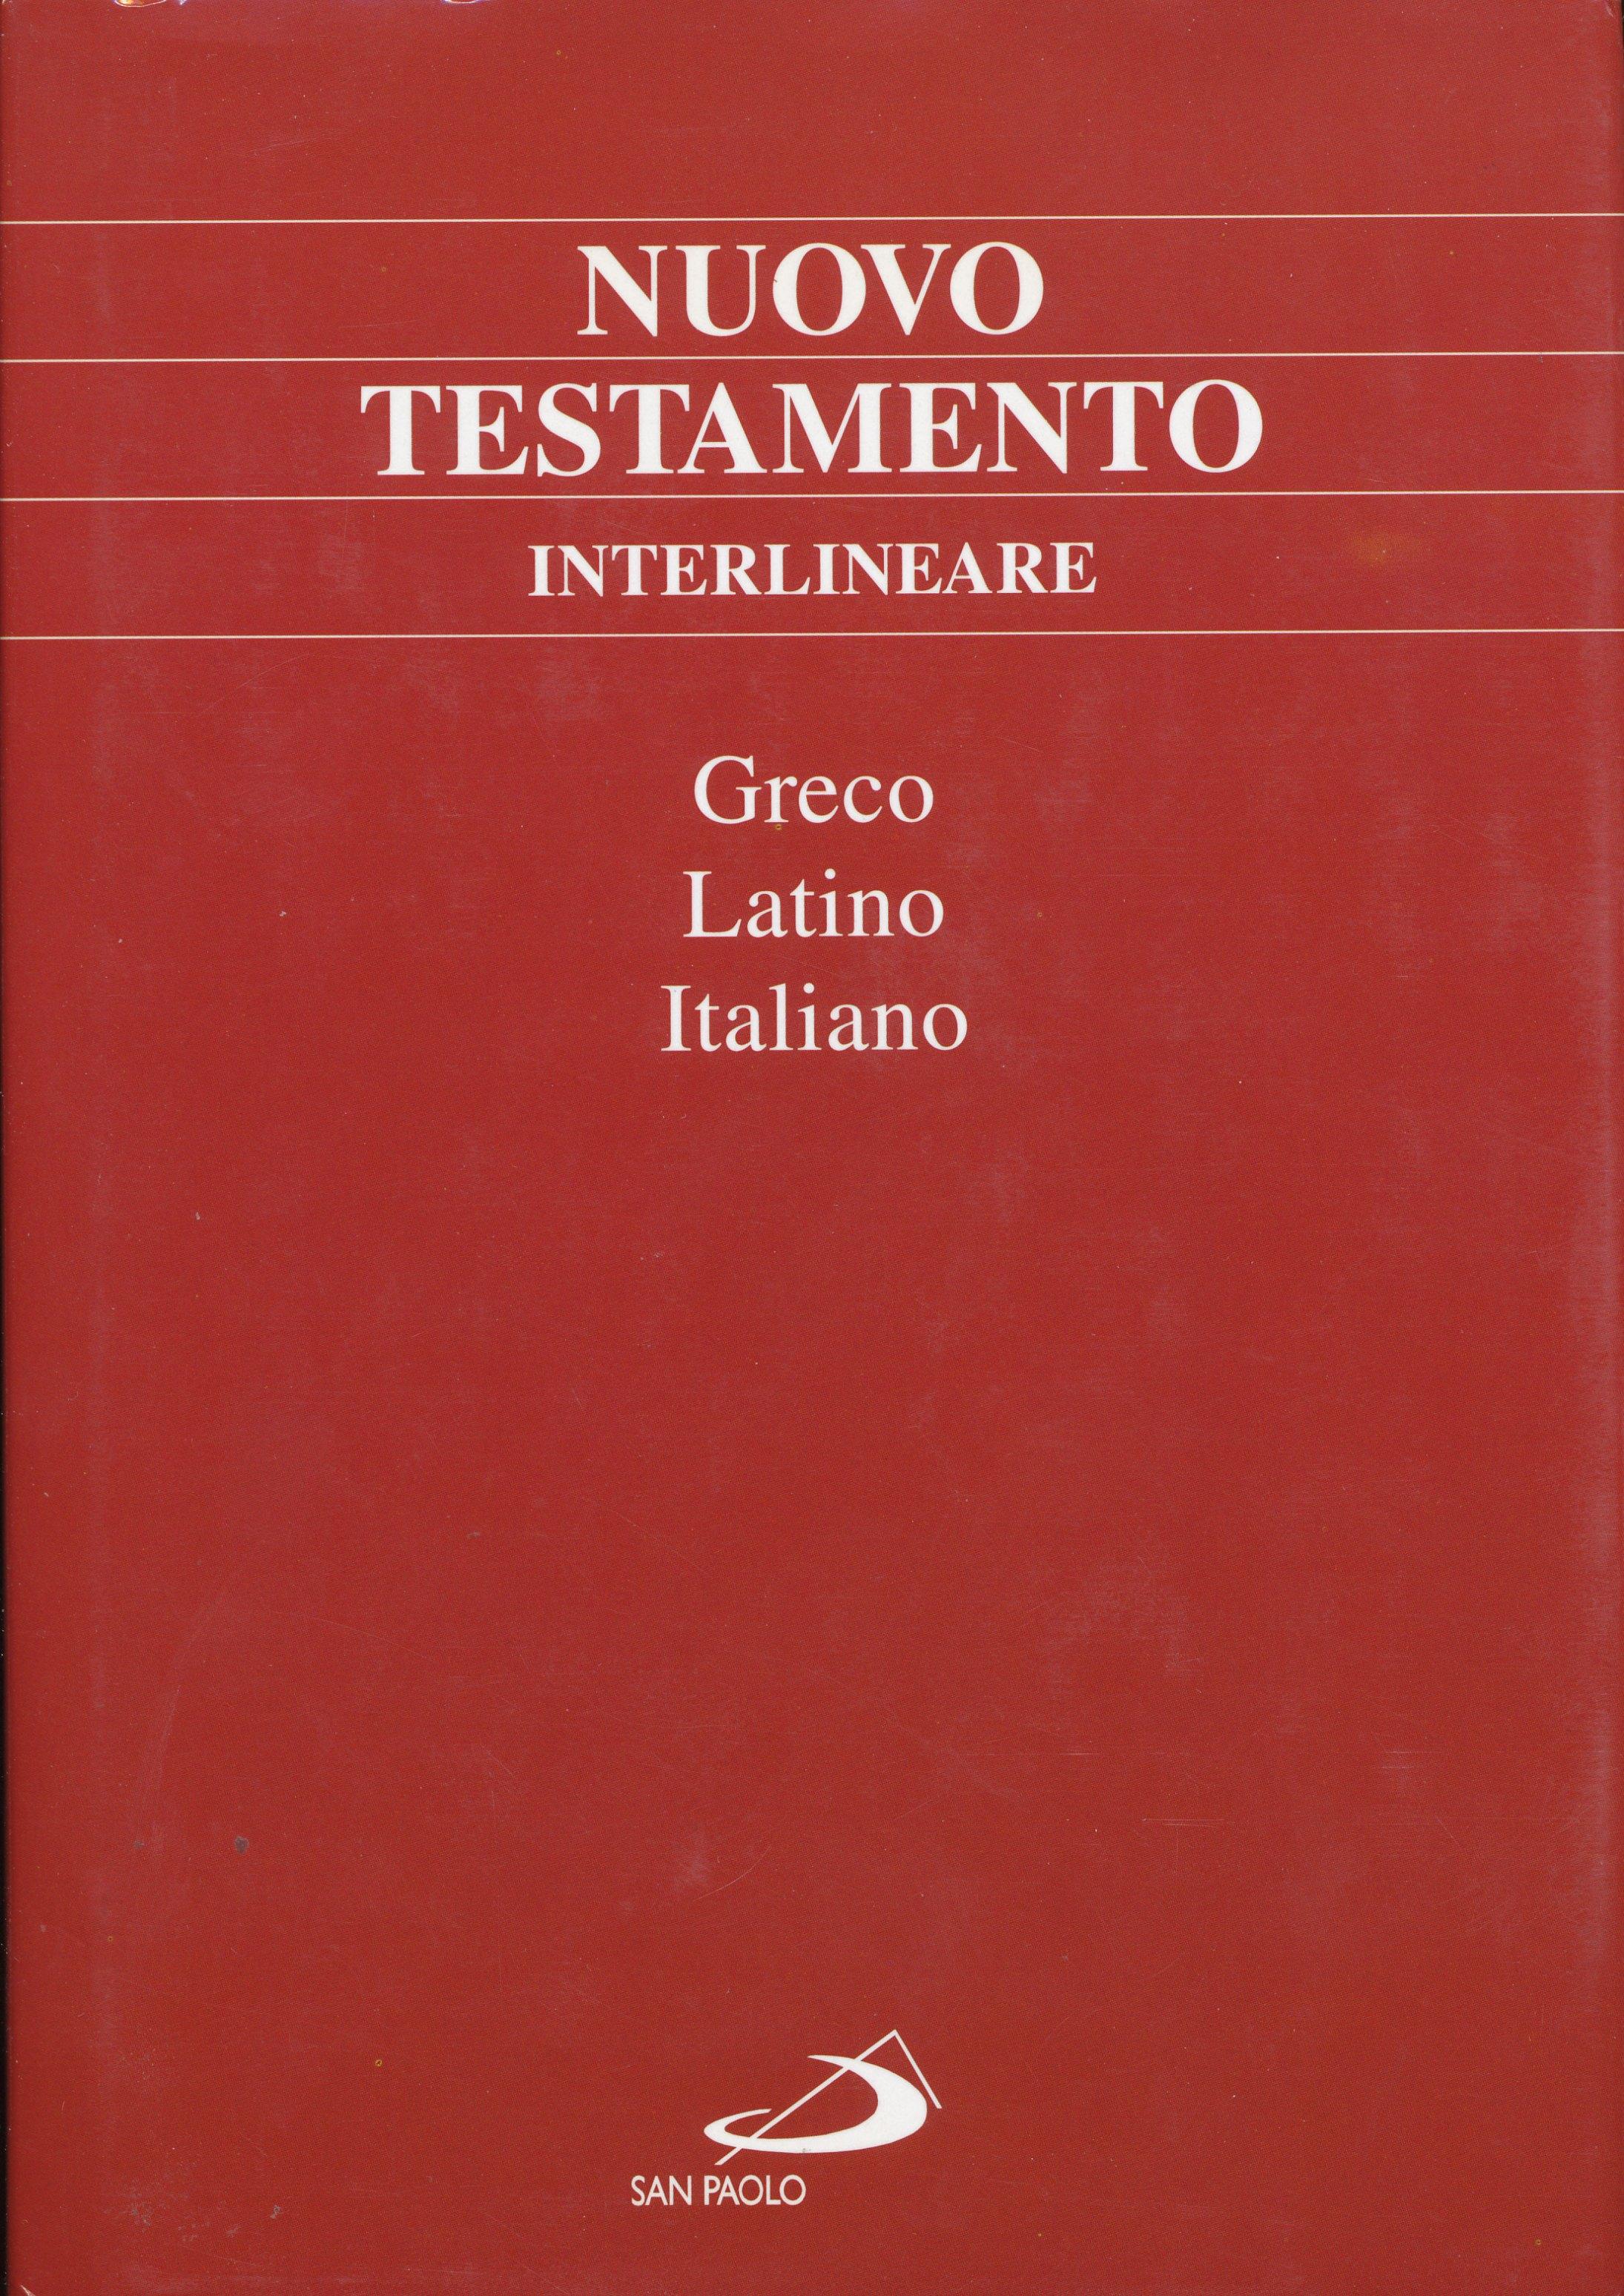 Nuovo Testamento interlineare